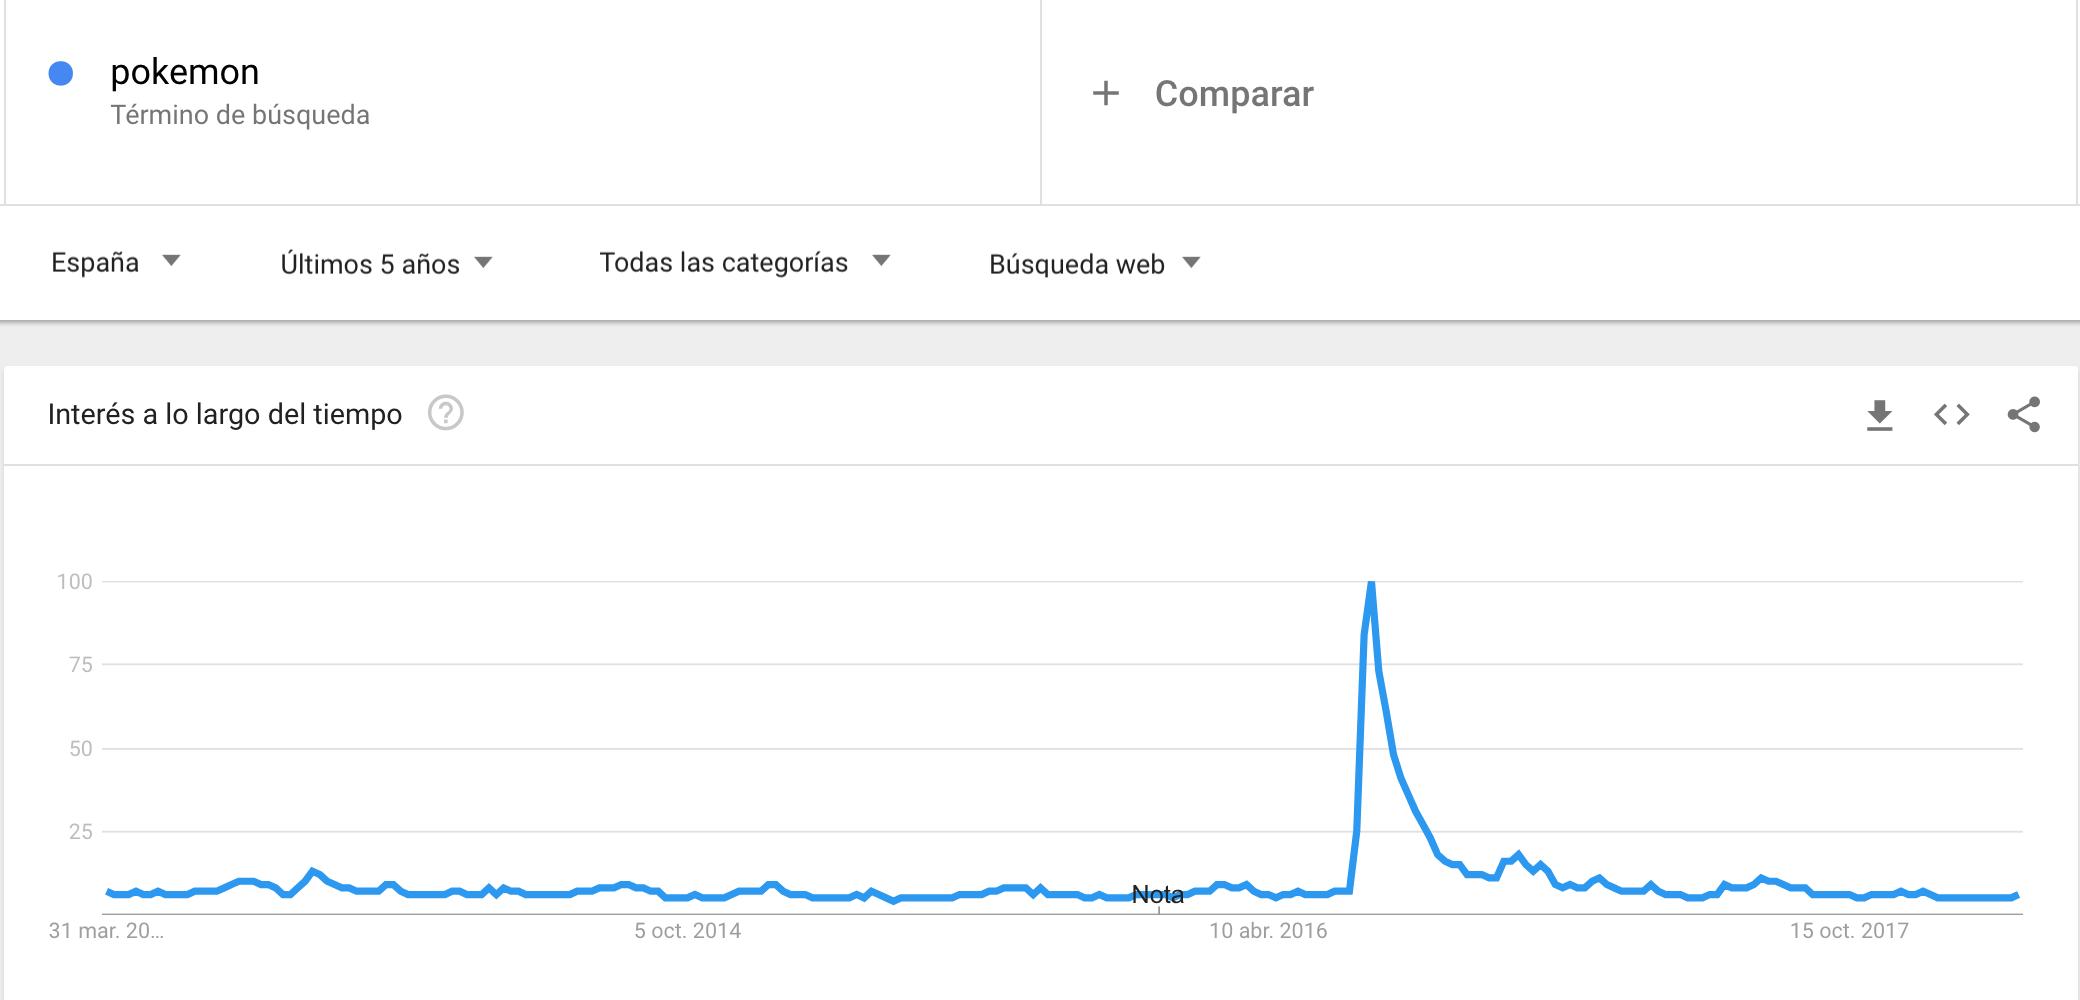 terminos muy buscados google trends